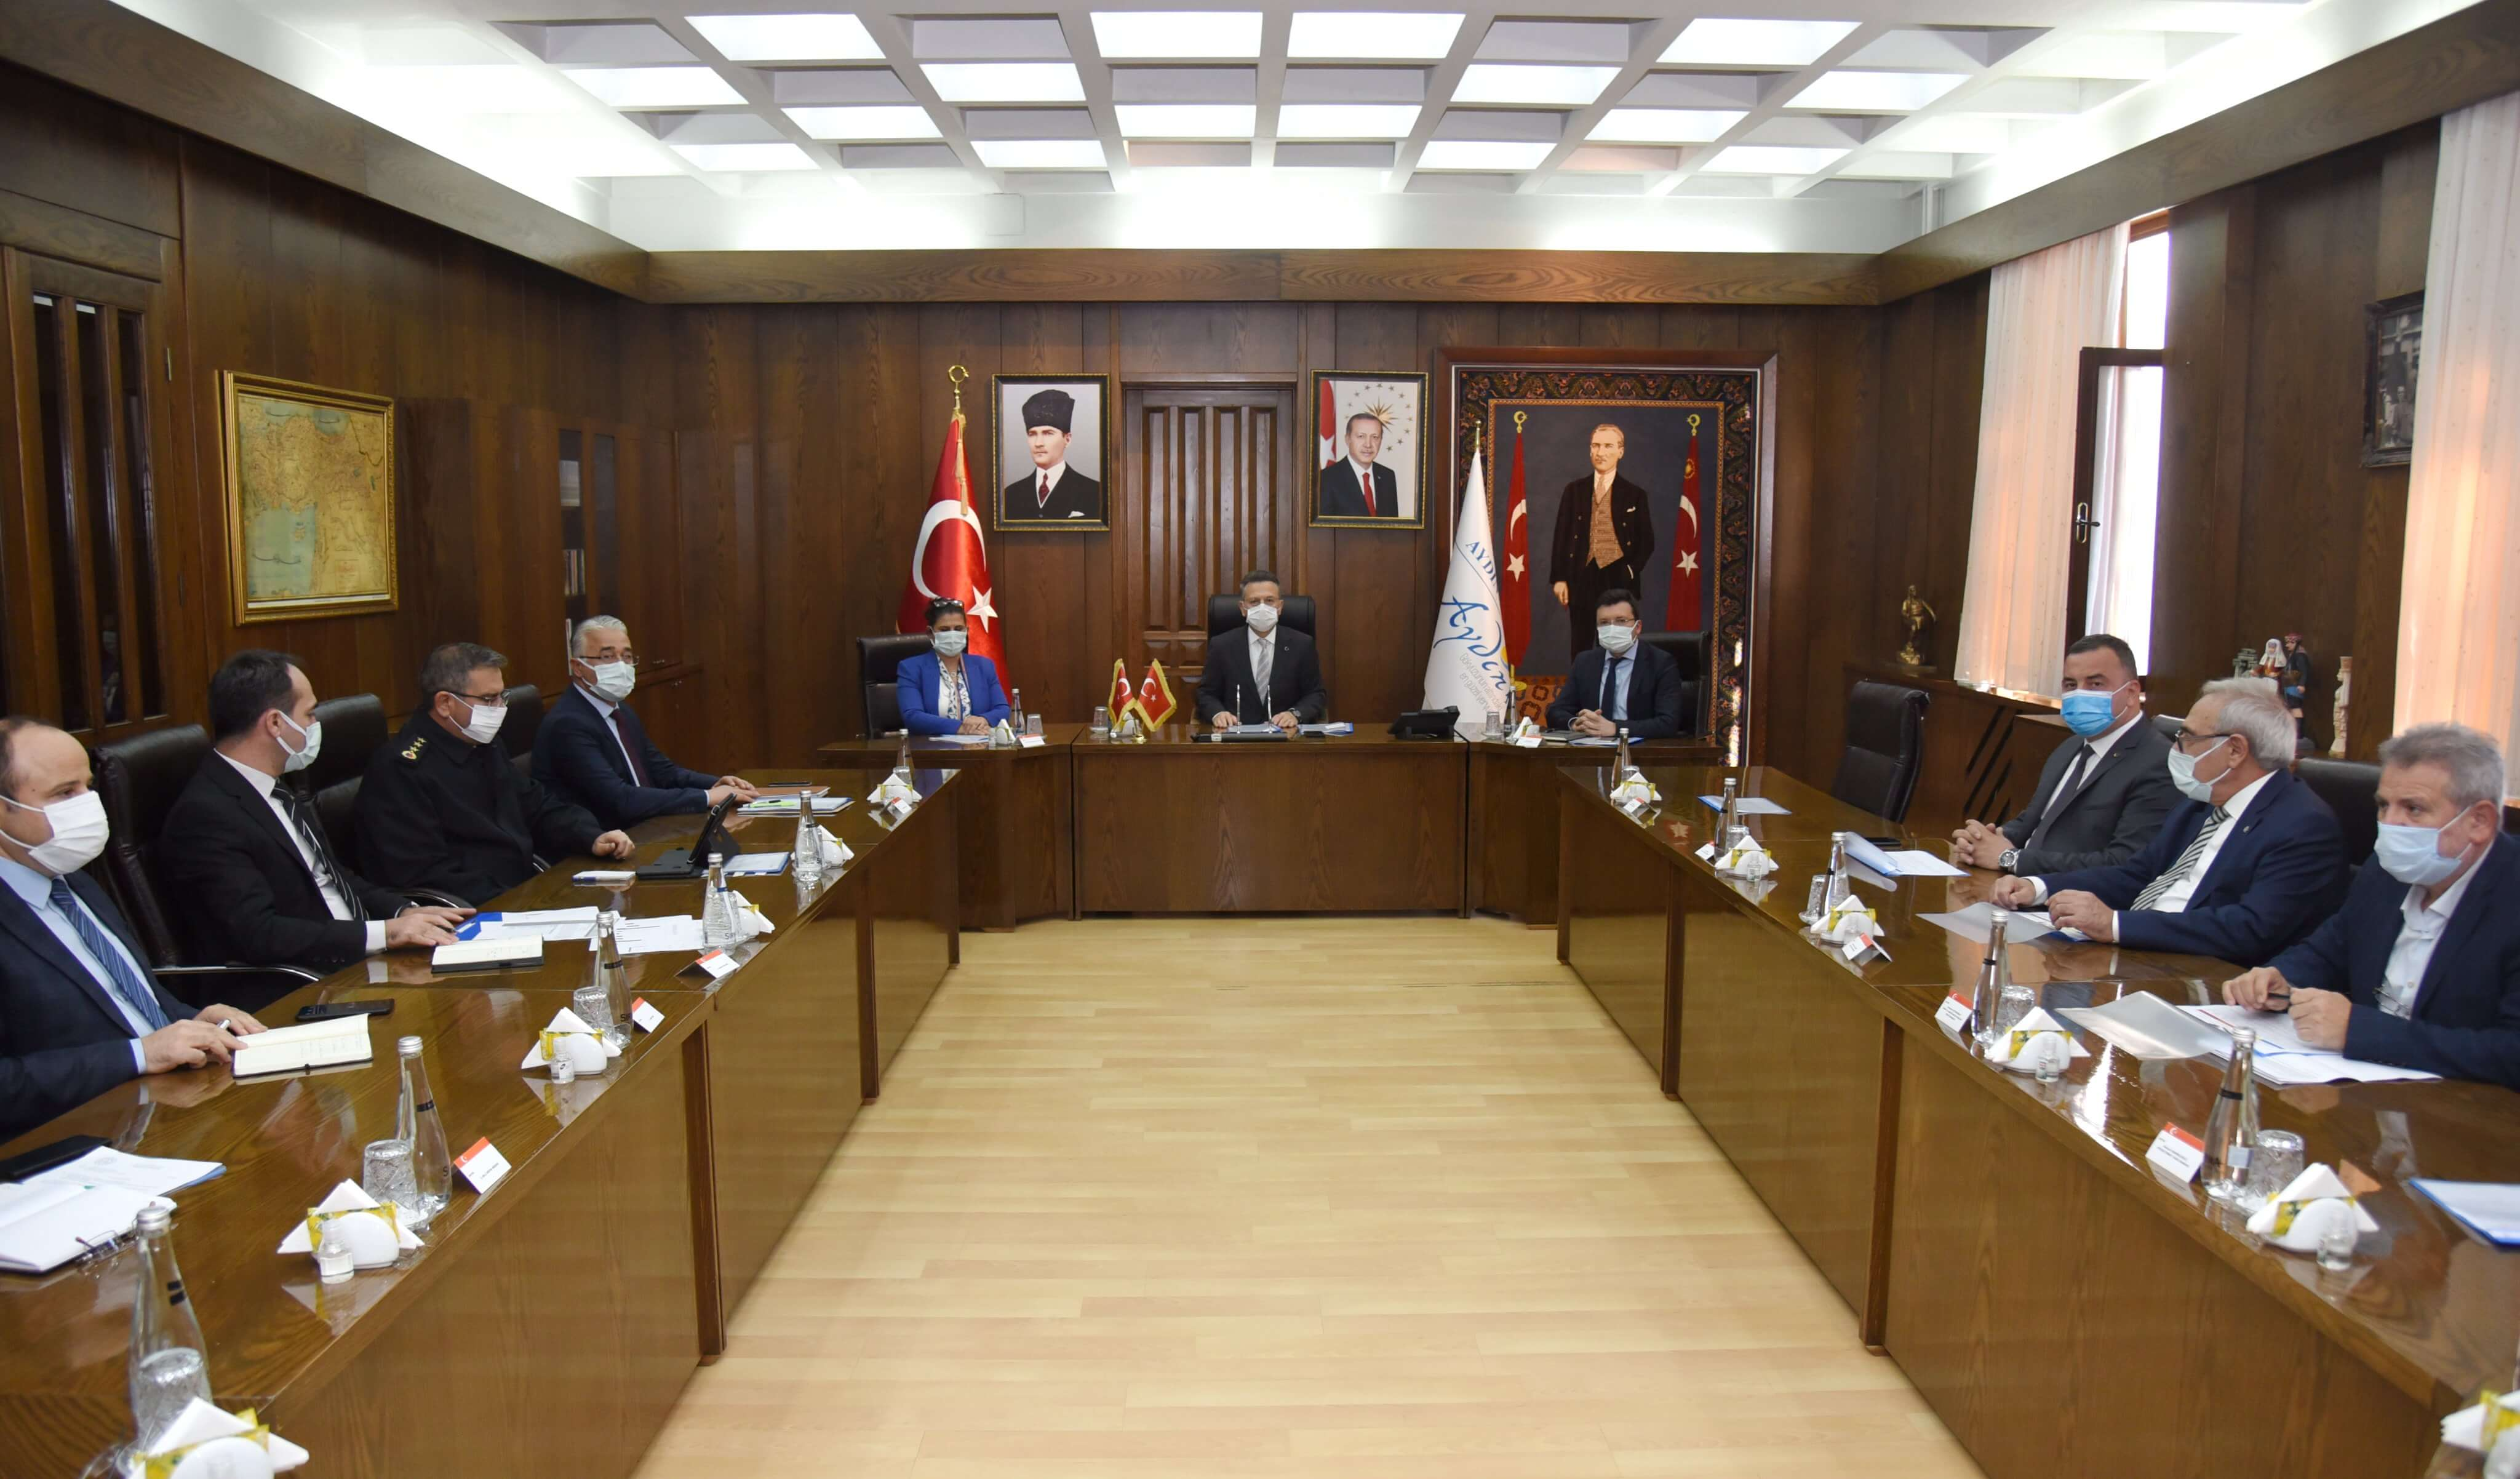 03.03.2021Aydın Ticaret Borsası Yönetim Kurulu Başkanı Fevzi Çondur,  Aydın'da Normalleşme Toplantısına Katıldı